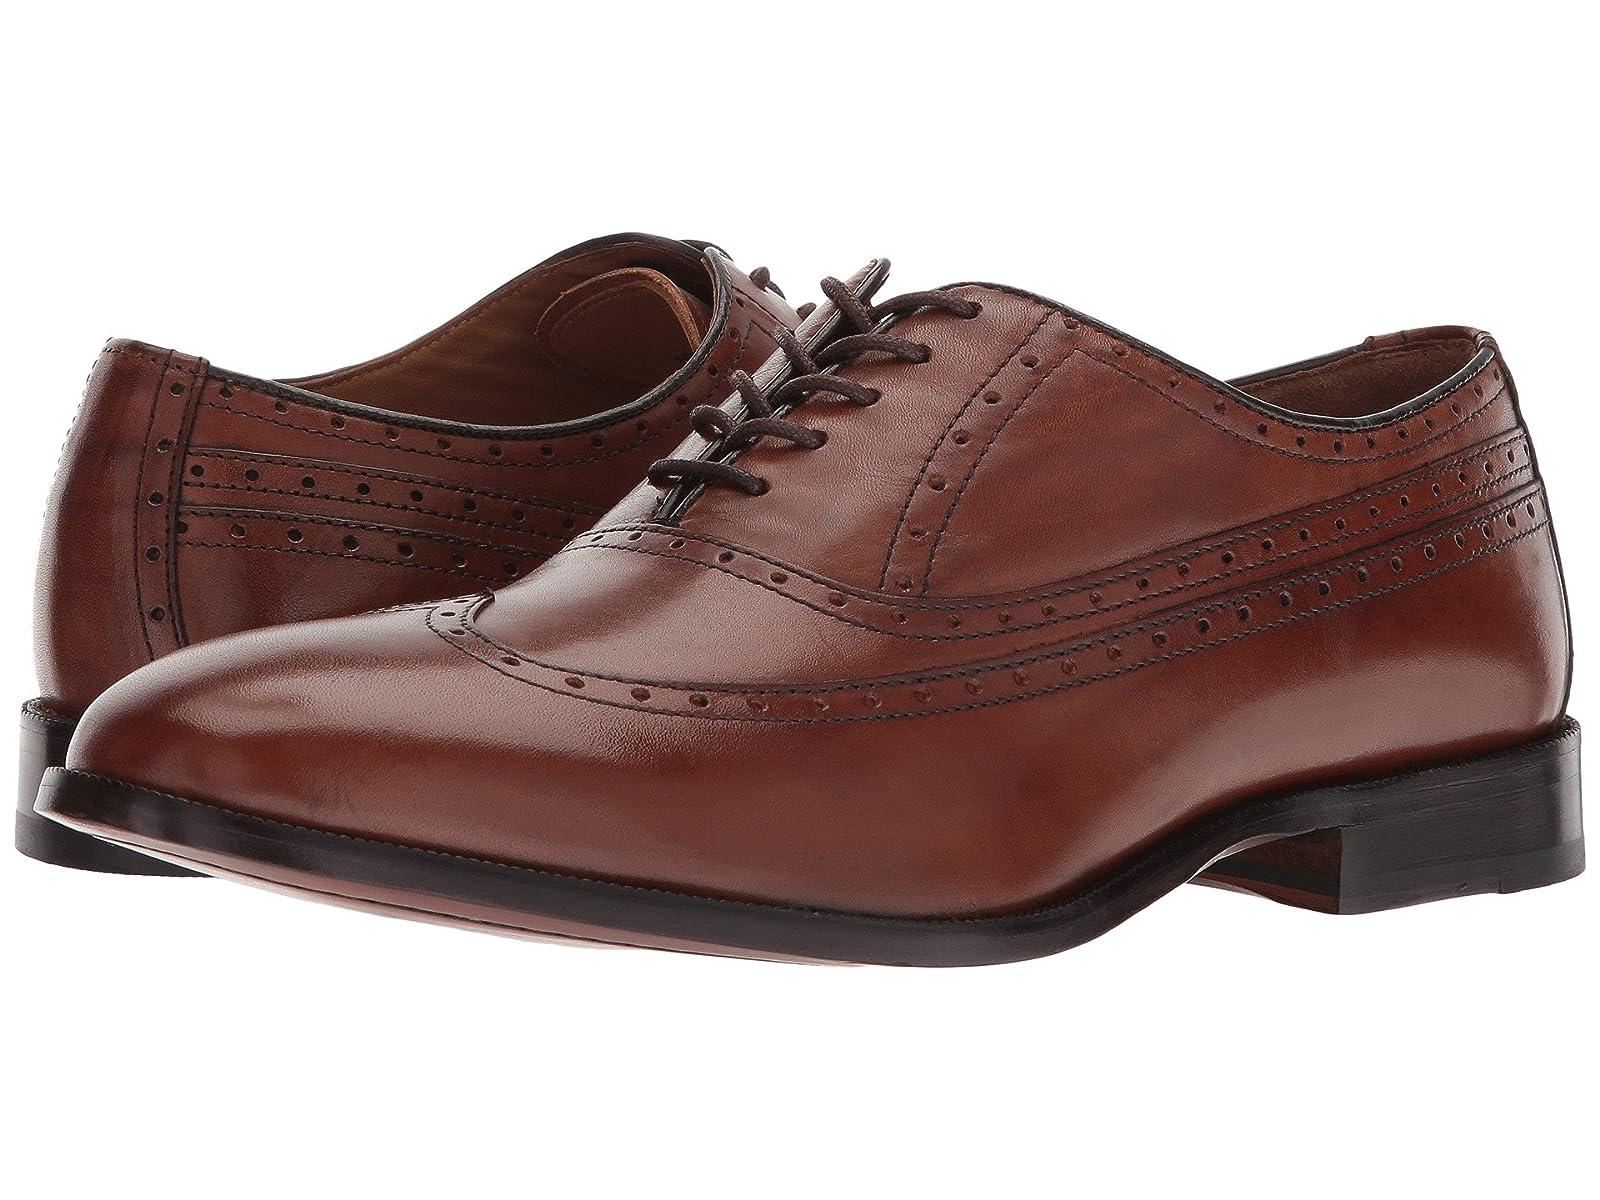 Johnston & Murphy Bradford Dress Wingtip OxfordAtmospheric grades have affordable shoes